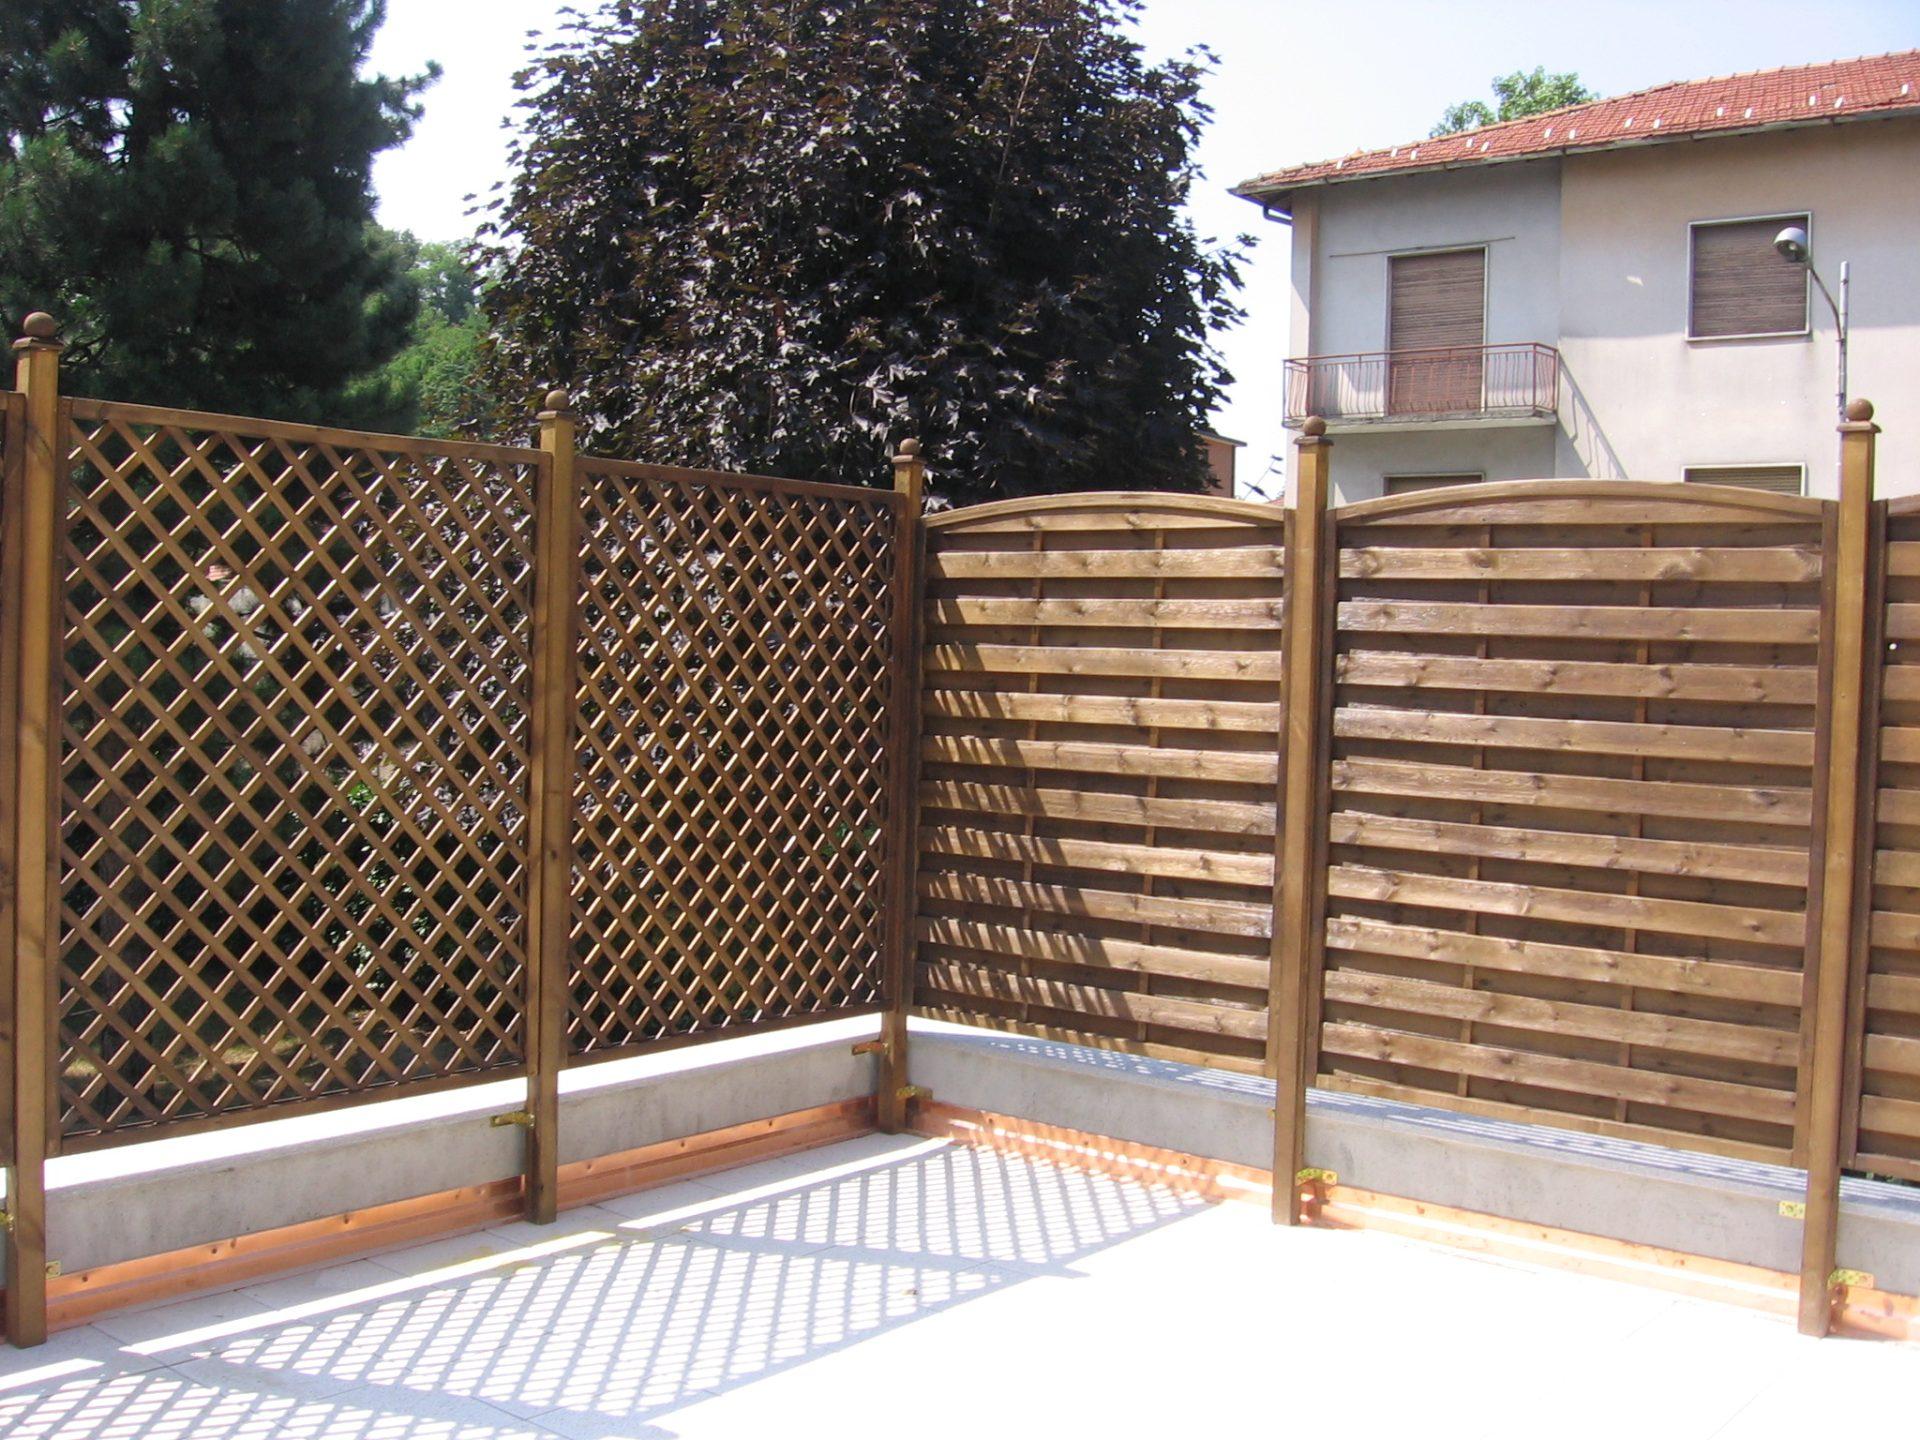 Fioriere grigliati su misura e lavori speciali in legno - Legno per terrazzo ...